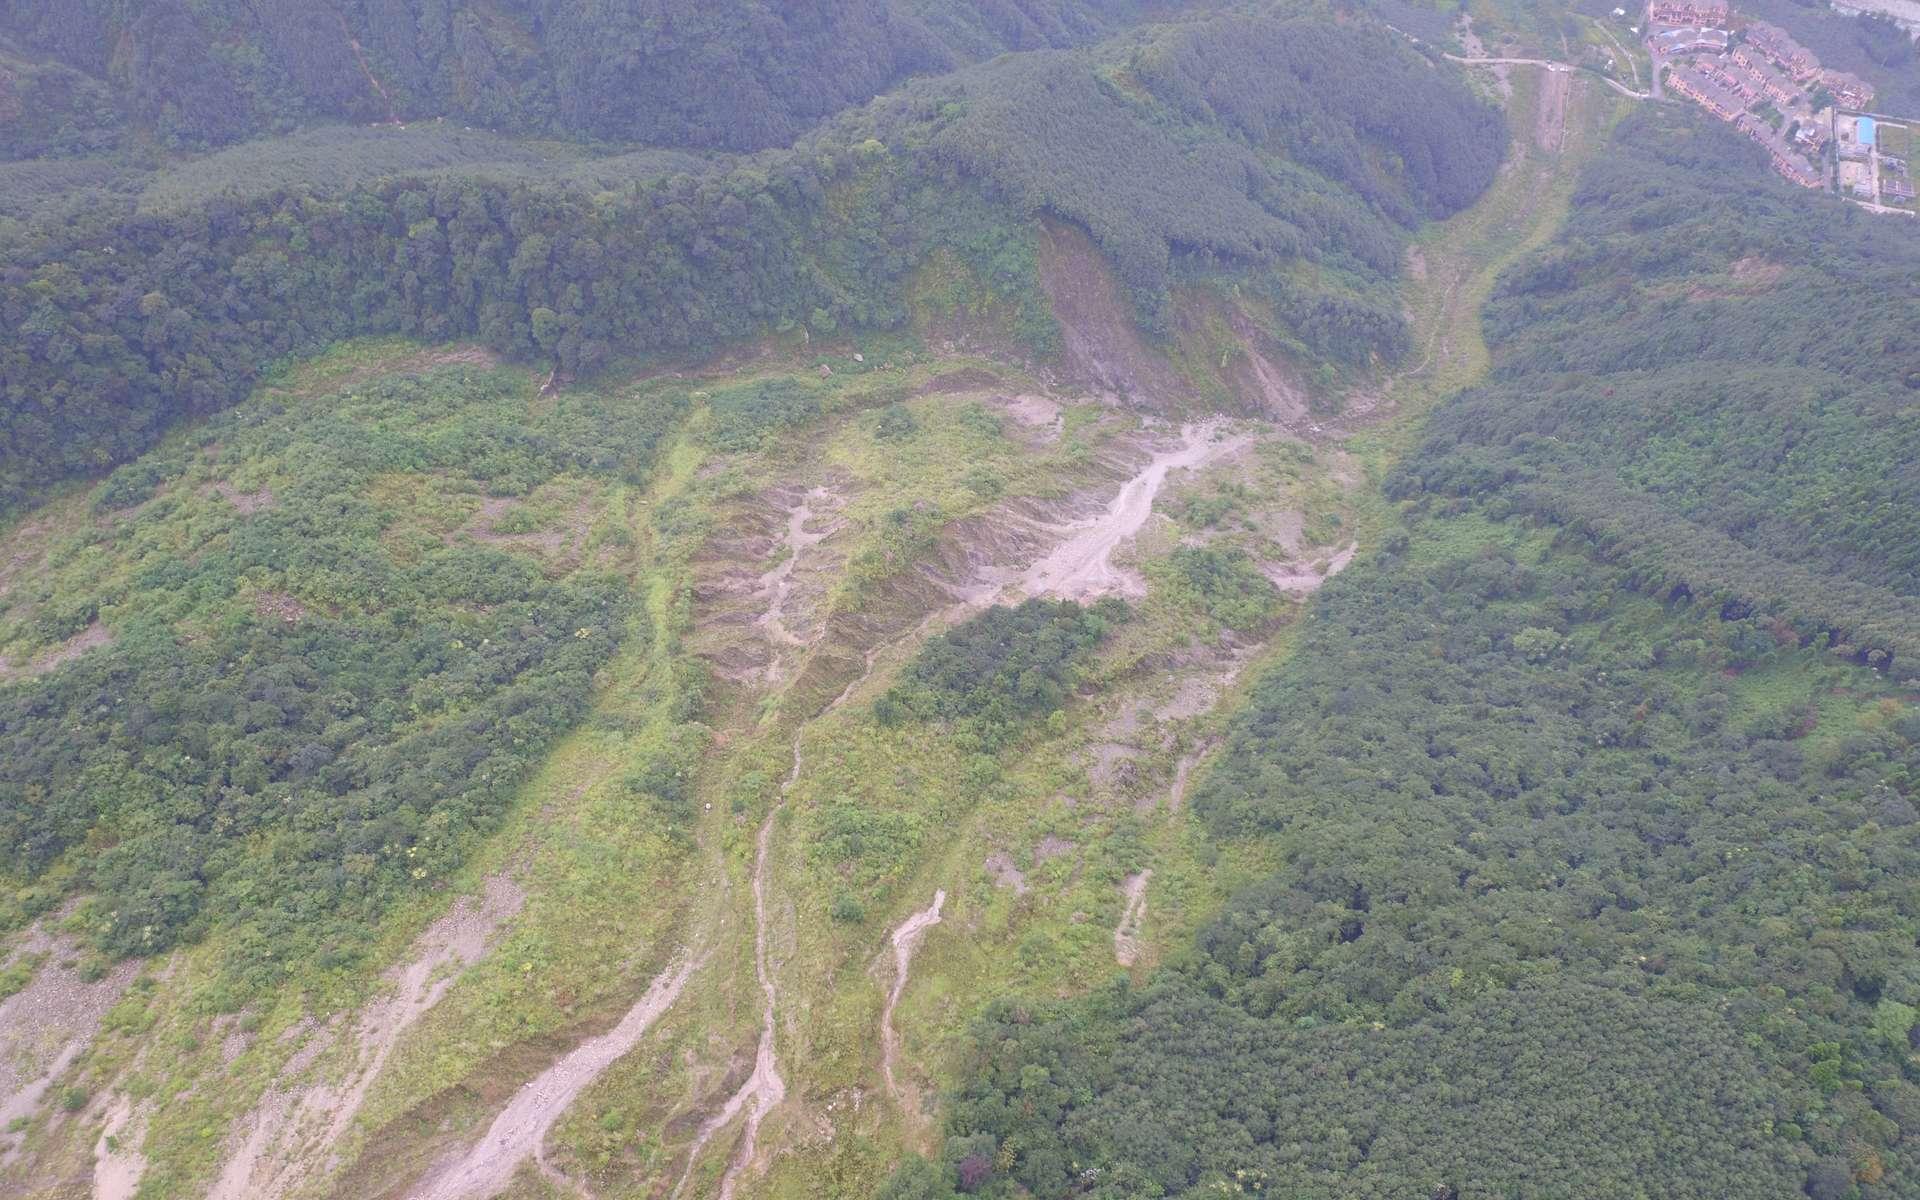 Coulées de boues dans la province du Sichuan suite au séisme de Wenchuan. © Zongji Yang (imaggeo.egu.eu)